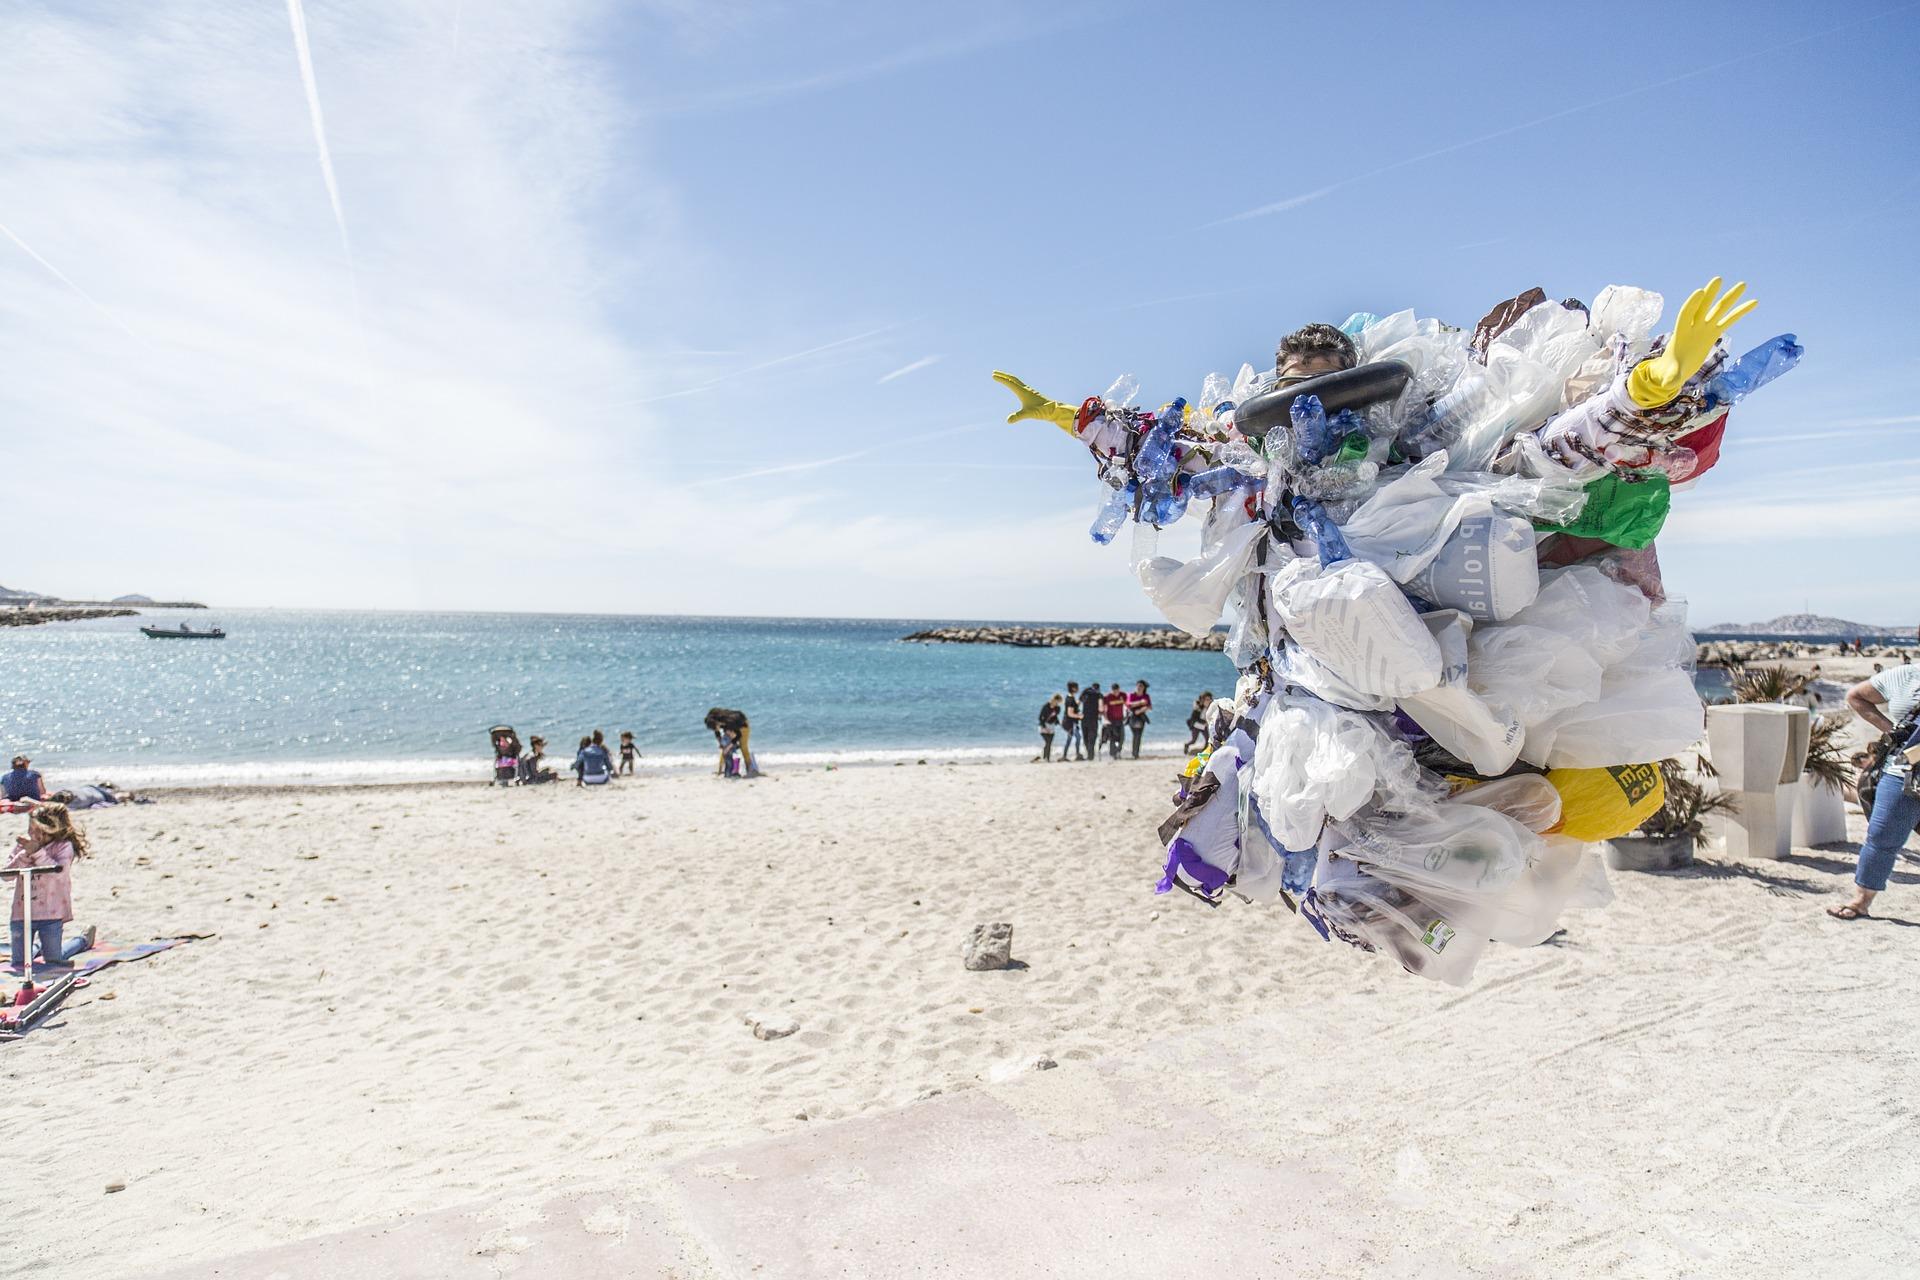 Reciclaje de plásticos: medida crítica para proteger los océanos